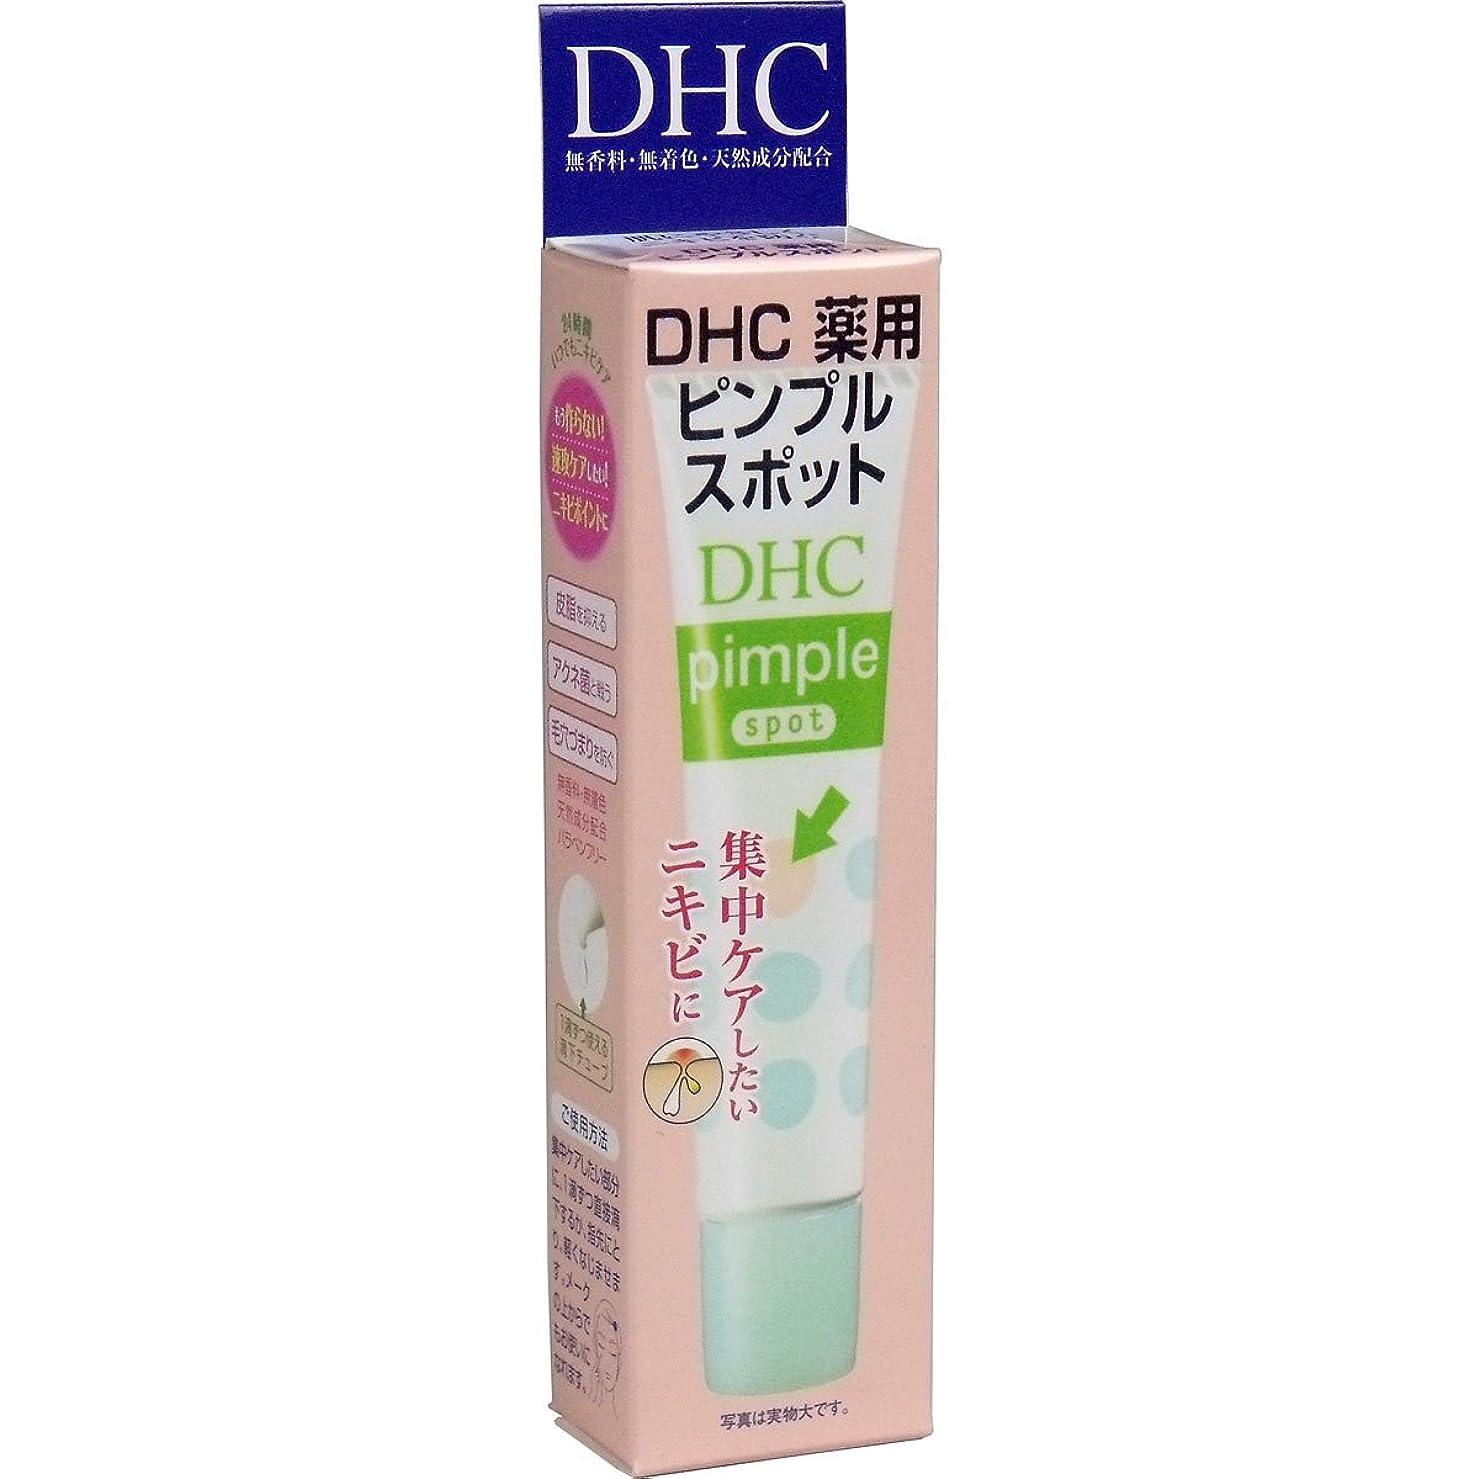 市町村通知するフロー【まとめ買い】DHC薬用ピンプルスポット 15ml ×2セット